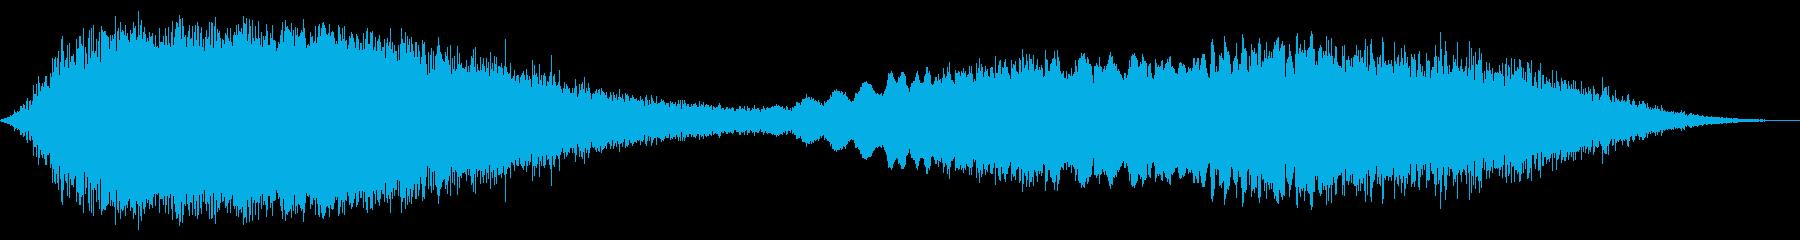 停電5の再生済みの波形